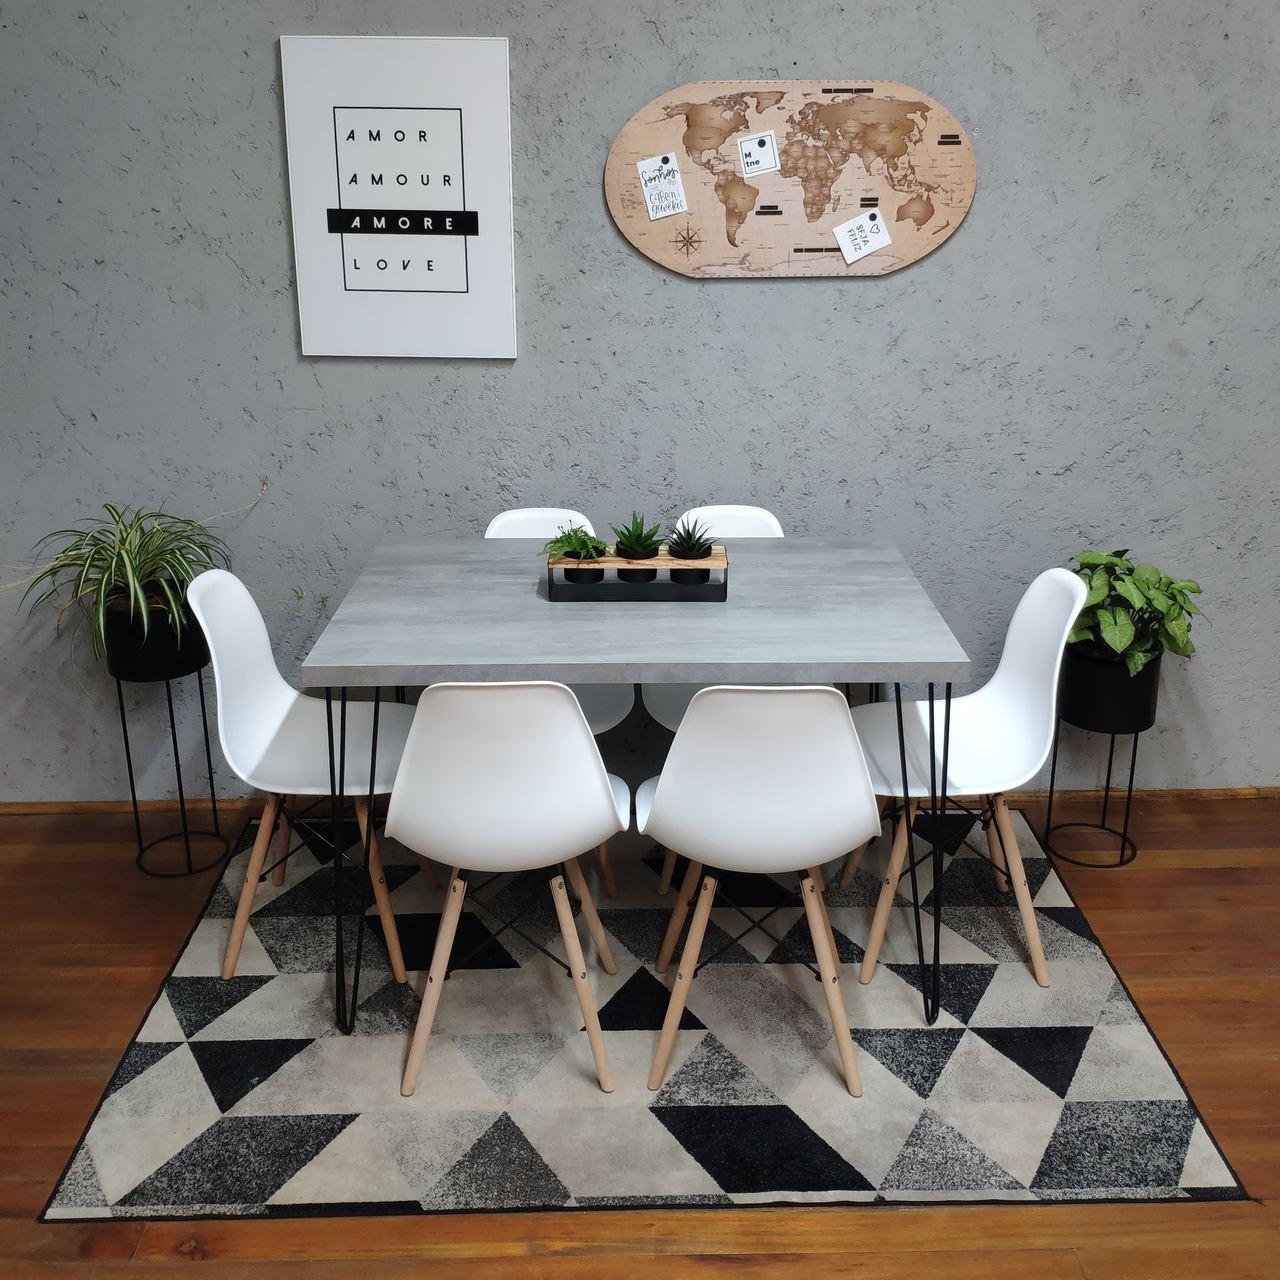 Mesa de Jantar Santorini Hairpin Legs 90x140 com 6 Cadeiras Eames Brancas